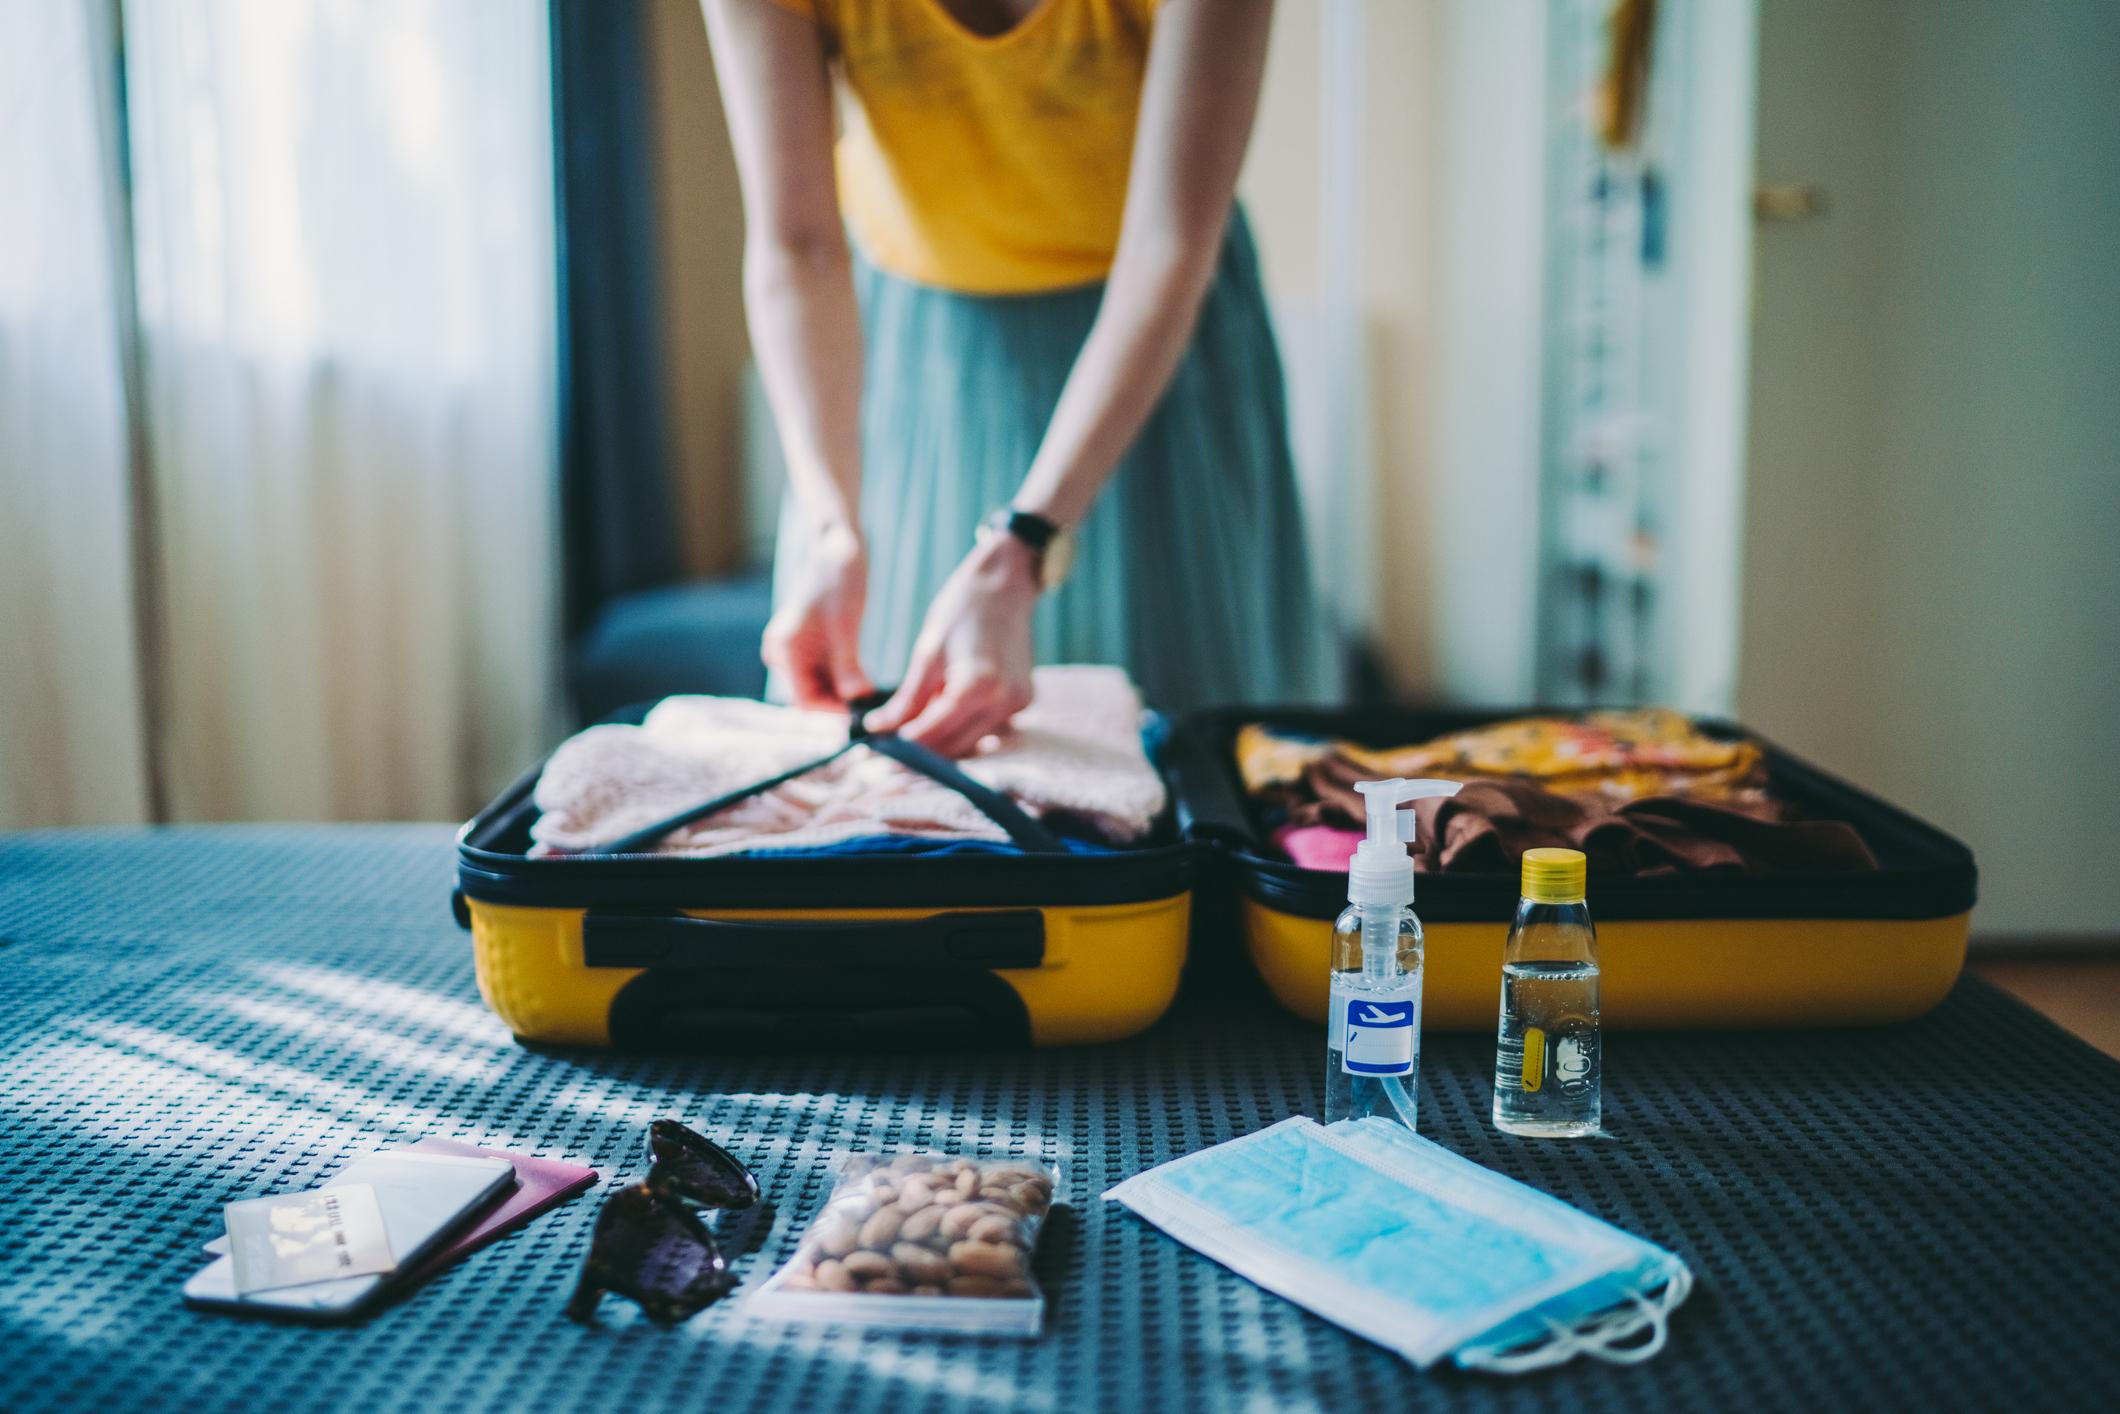 Le giuste cose da mettere in valigia